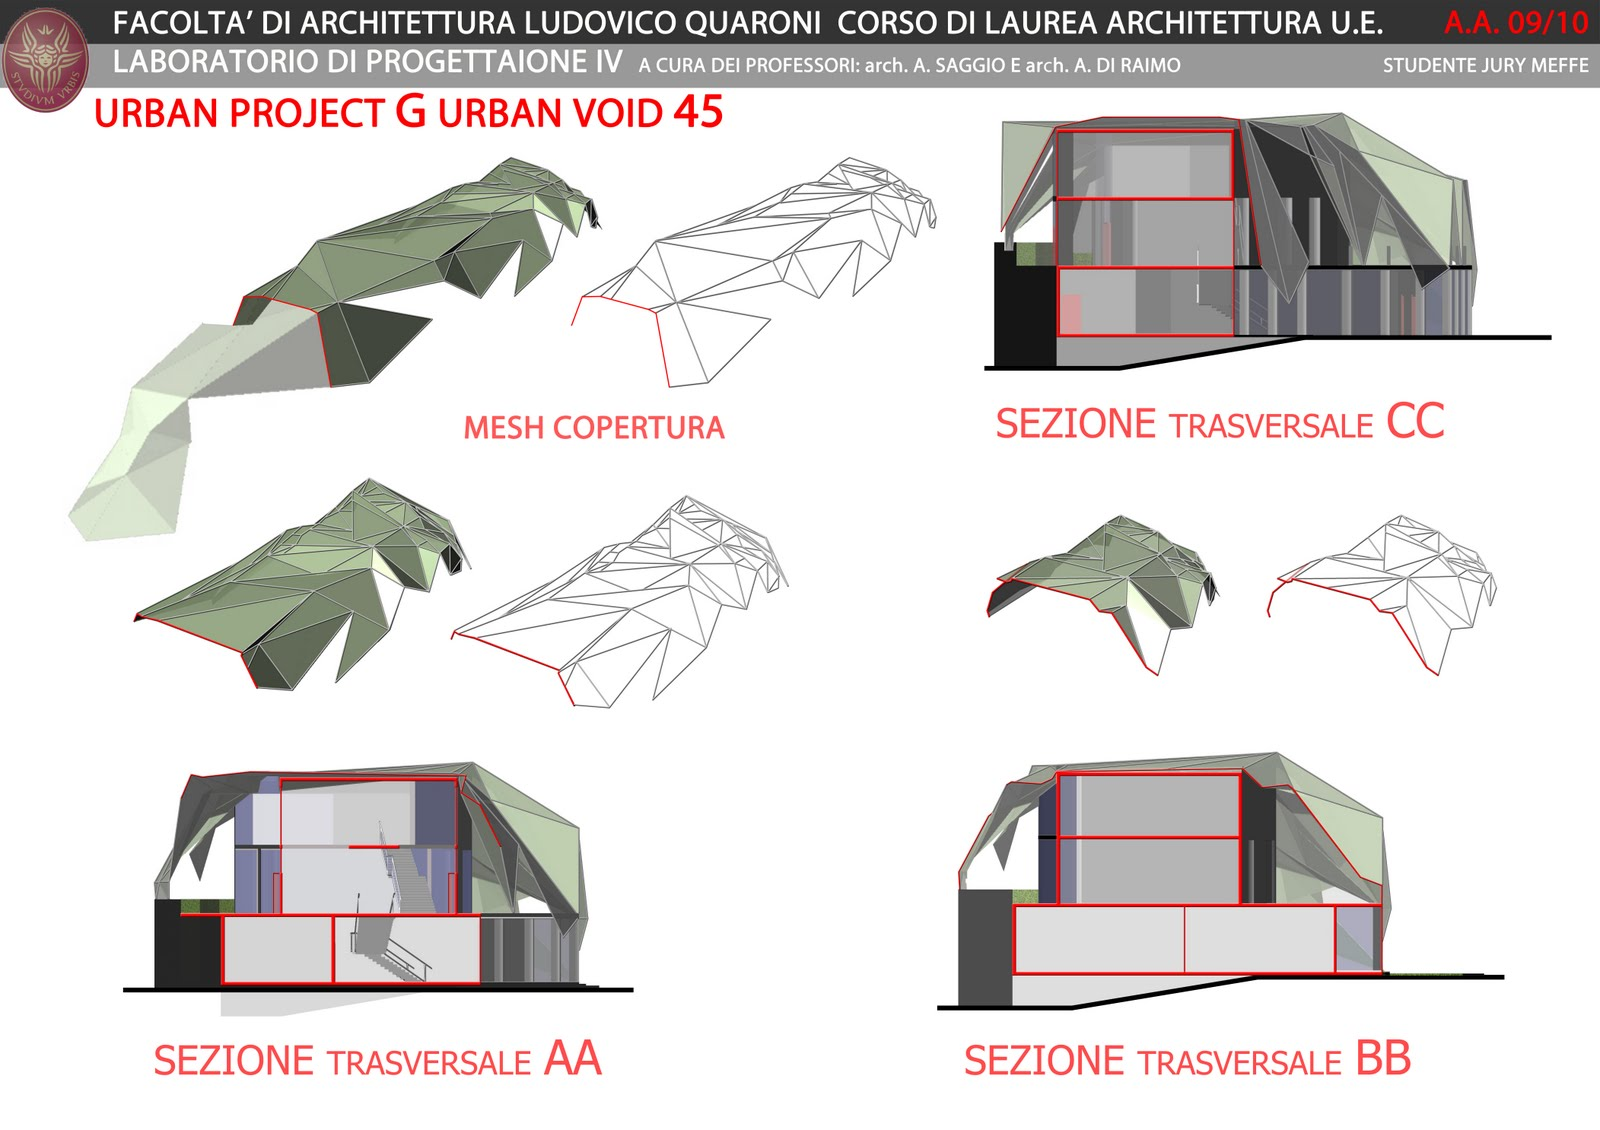 Jury meffe laboratorio di progettazione architettonica iv for Piani di progettazione architettonica